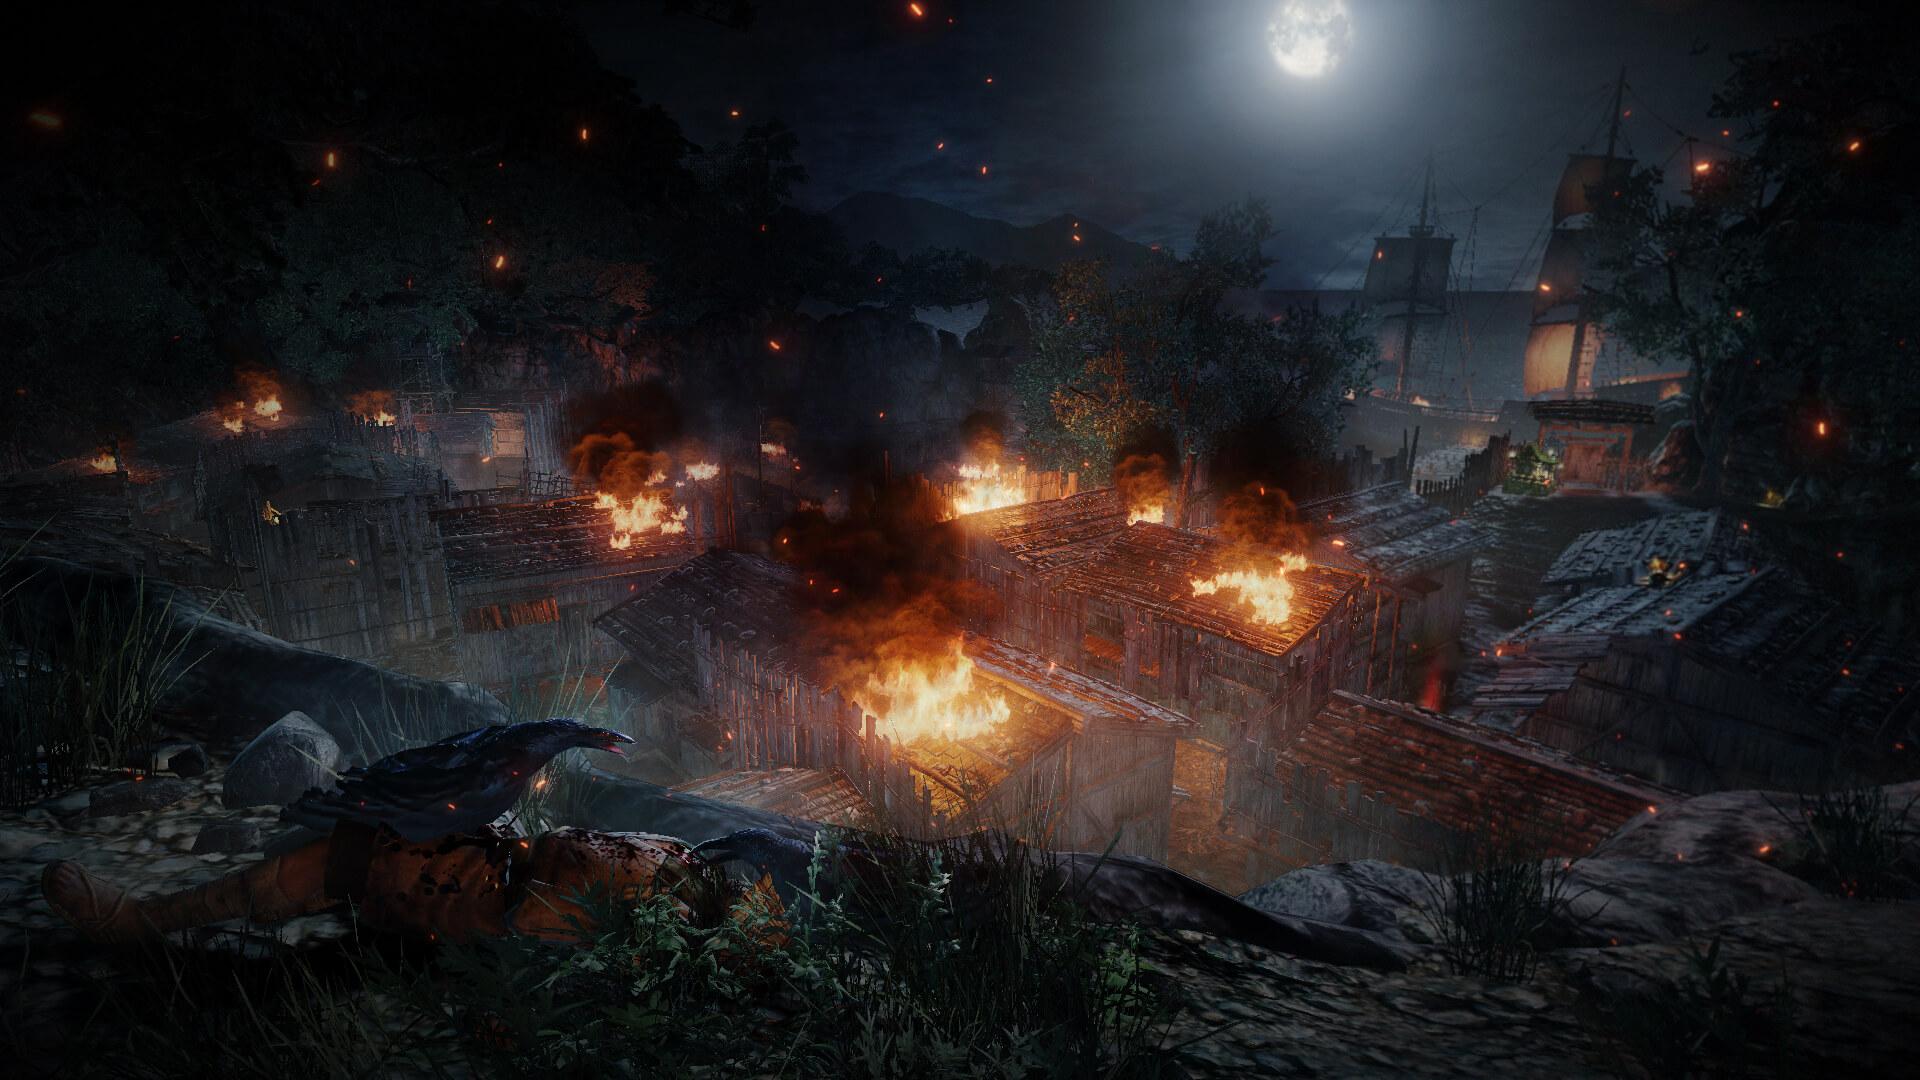 Aperçu Nioh village en flammes